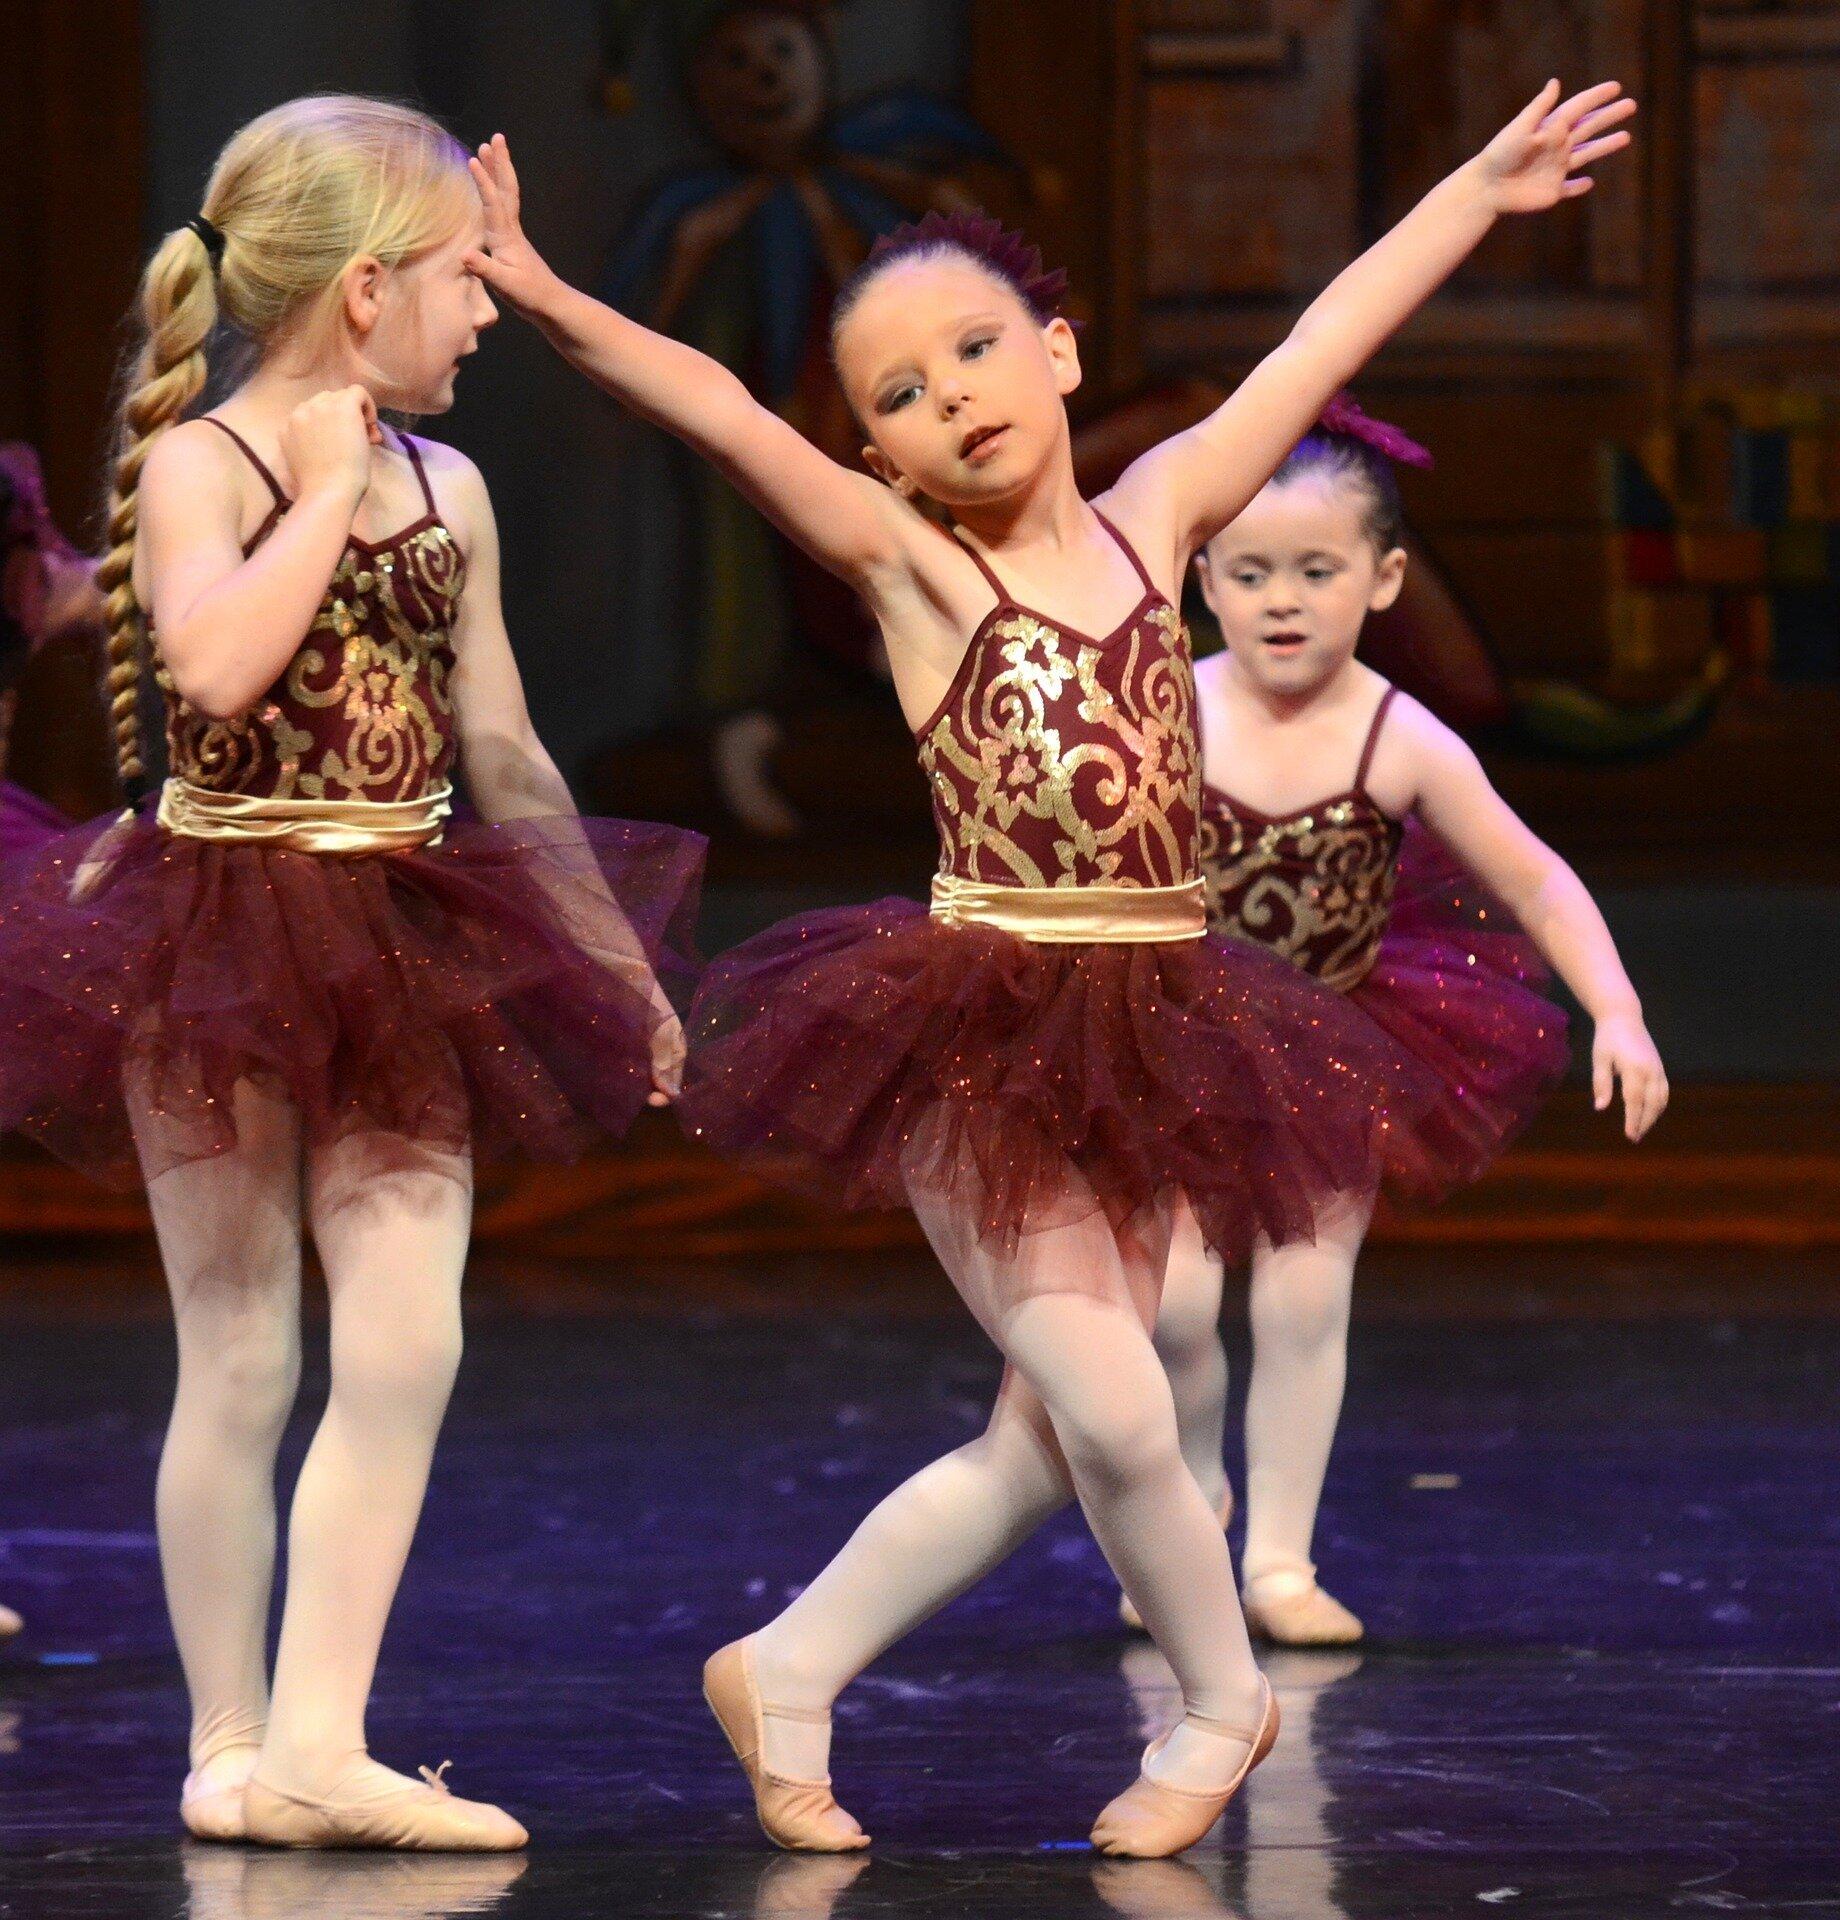 Forscher schlagen Schüler sollten Tanz mehr in den Schulen